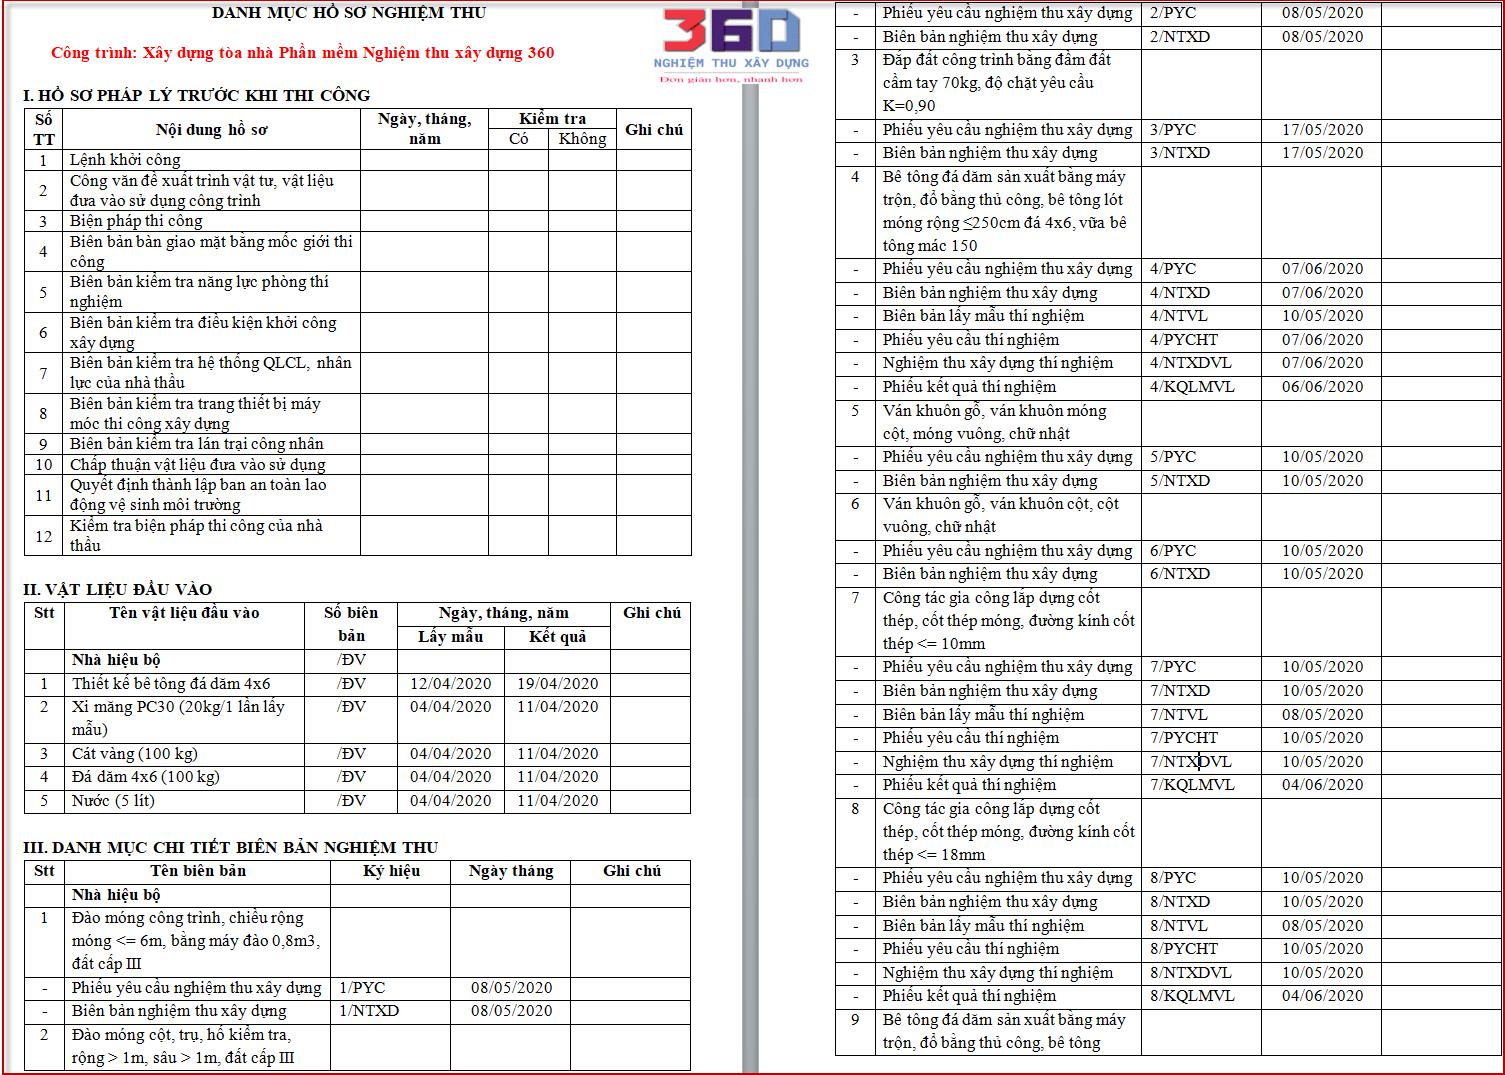 List danh mục hồ sơ nghiệm thu theo 8b 2020